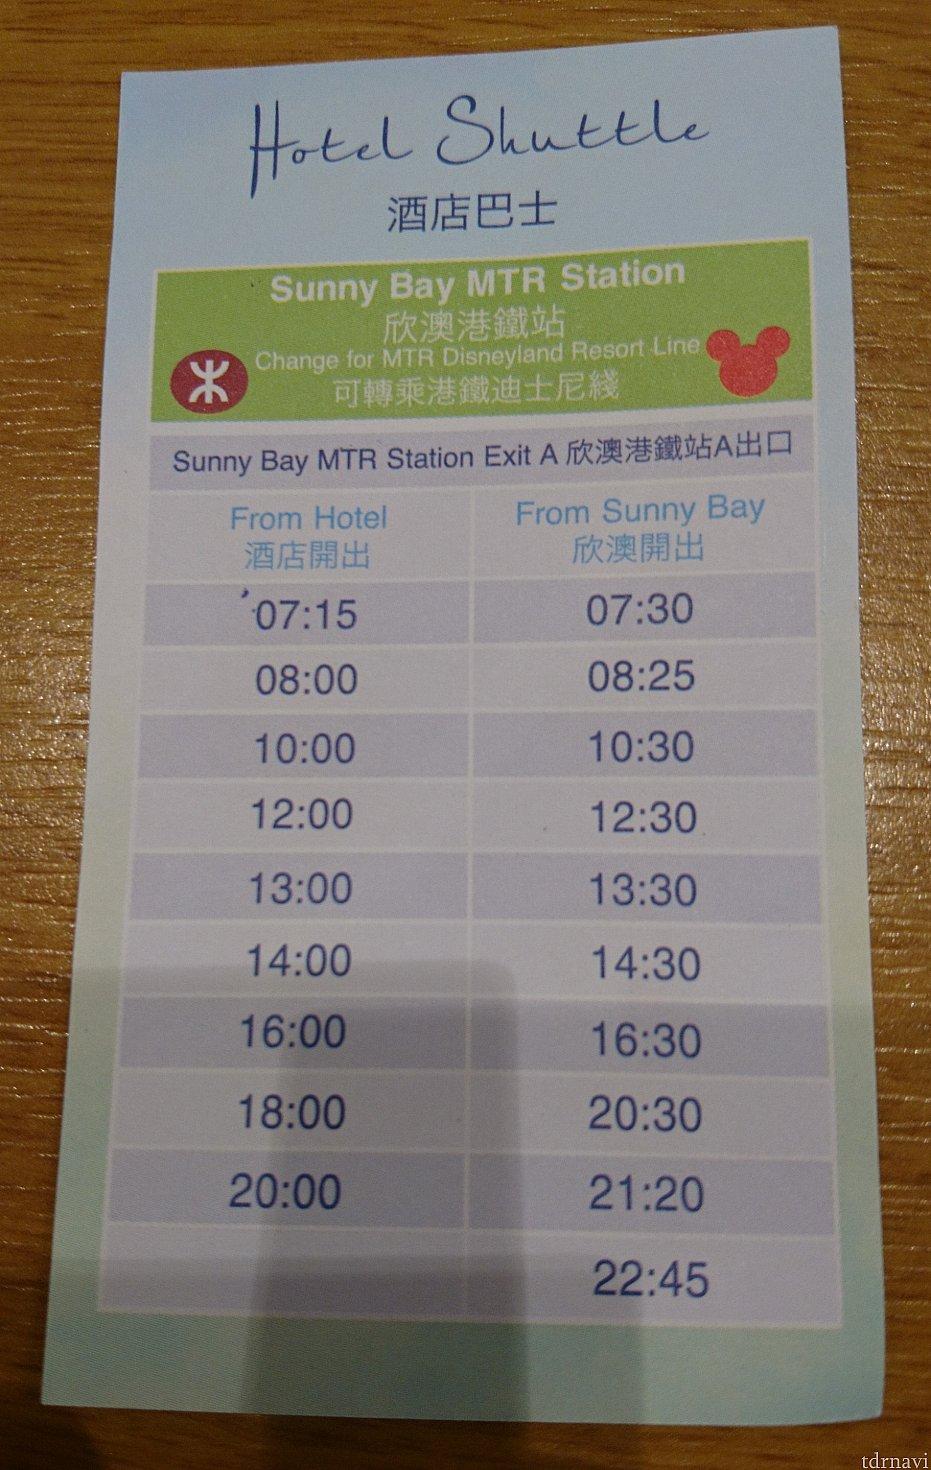 シャトルバスの時刻表です。 左がホテル→サニーベイ、右がサニーベイ→ホテルです。